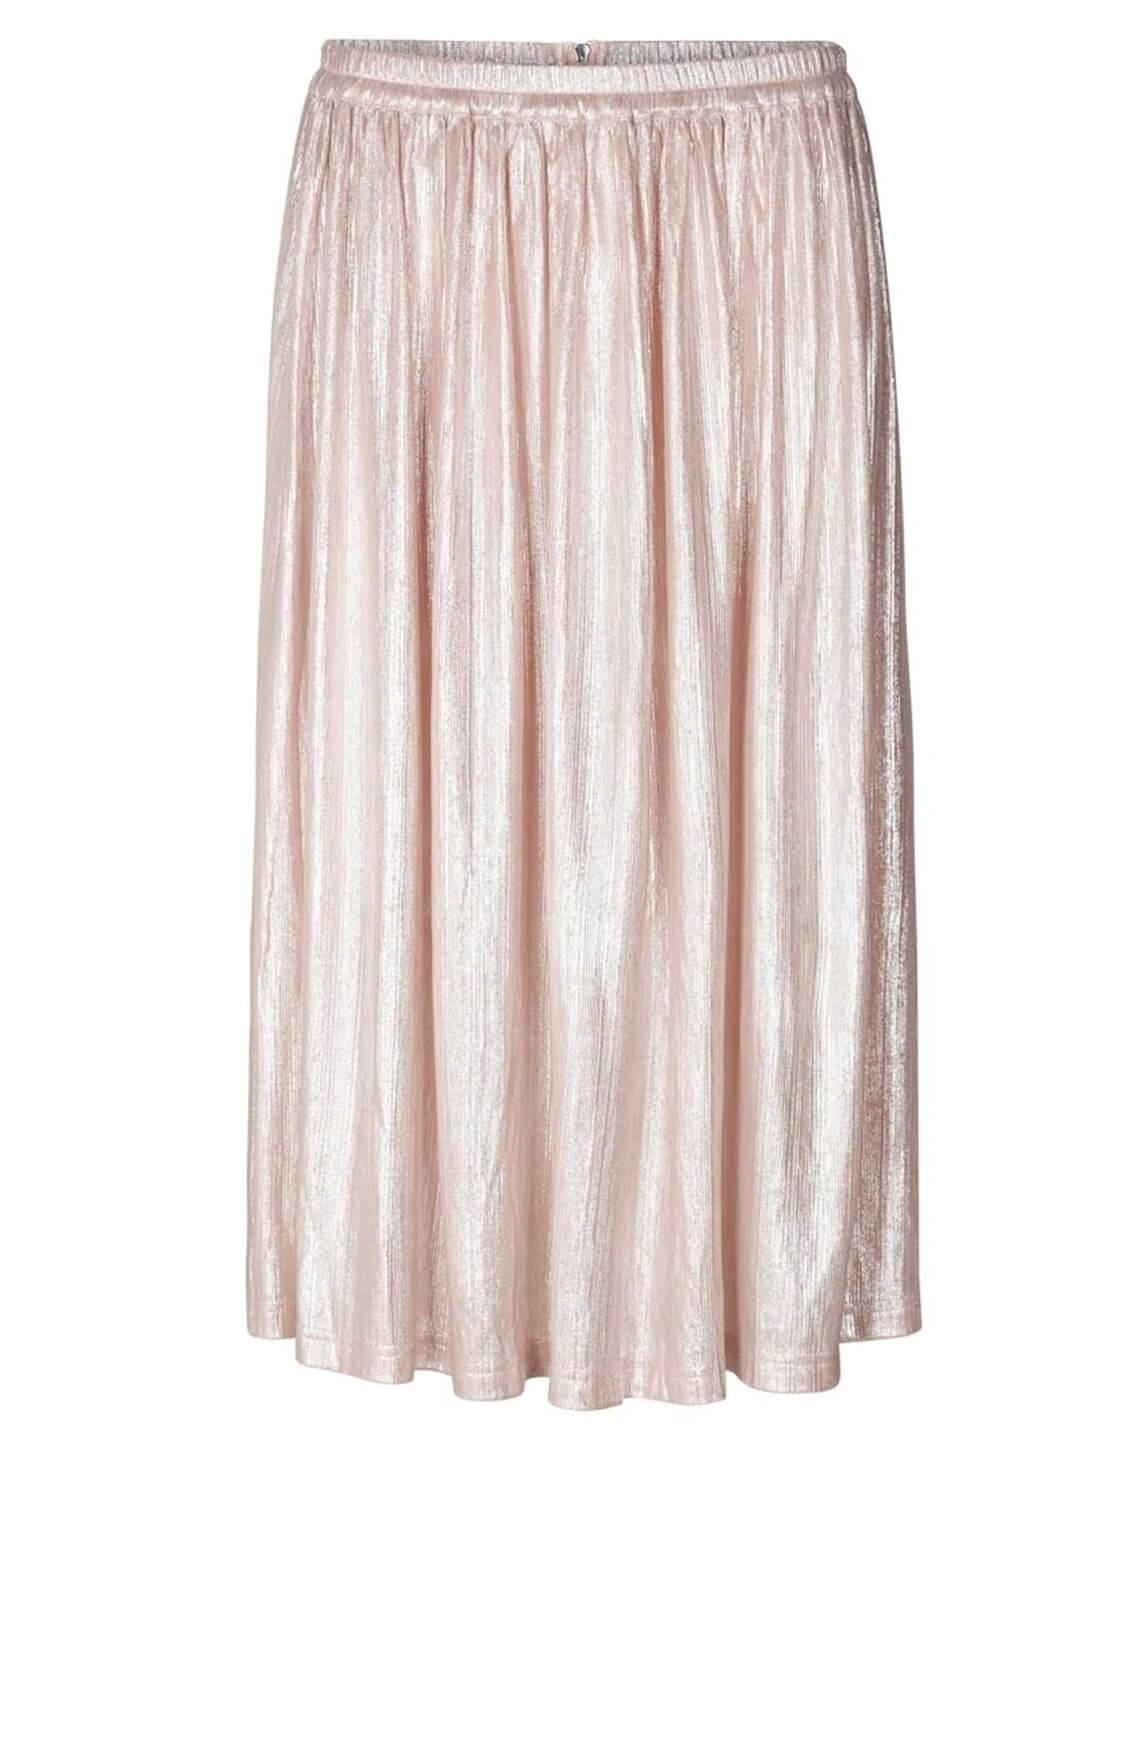 Lollys Laundry Dames Pauline plissé rok roze